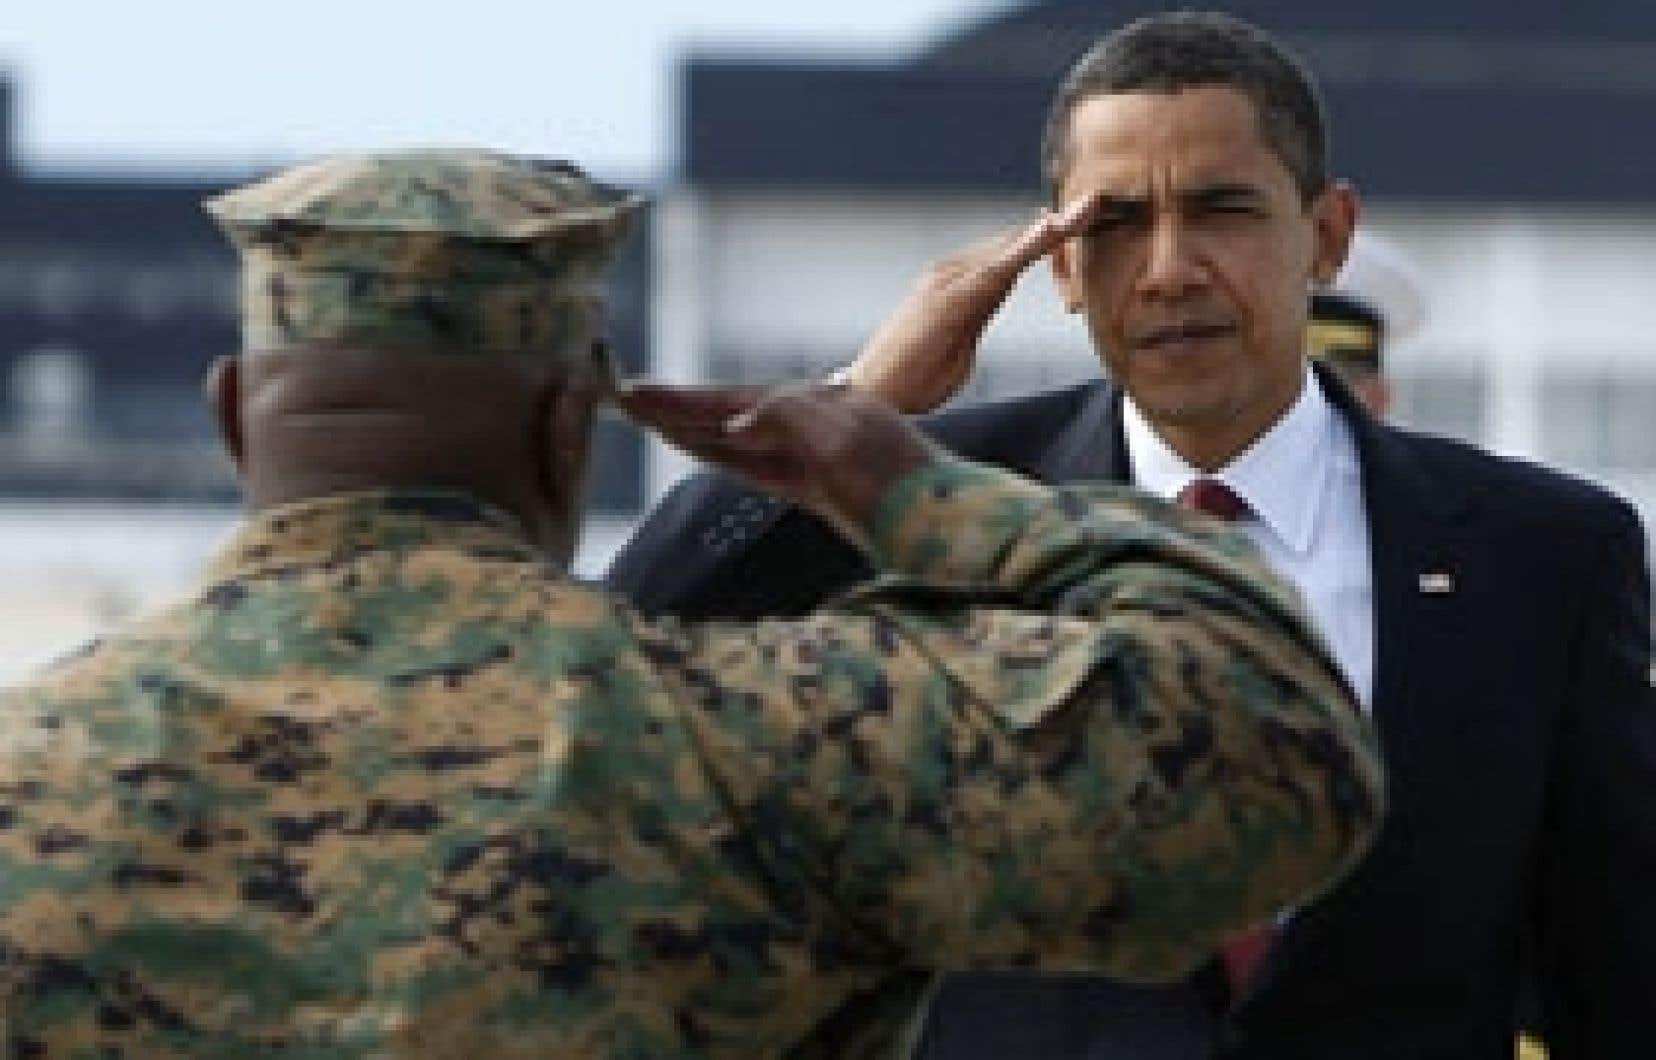 Le commandant en chef a rendu visite aux marines hier.